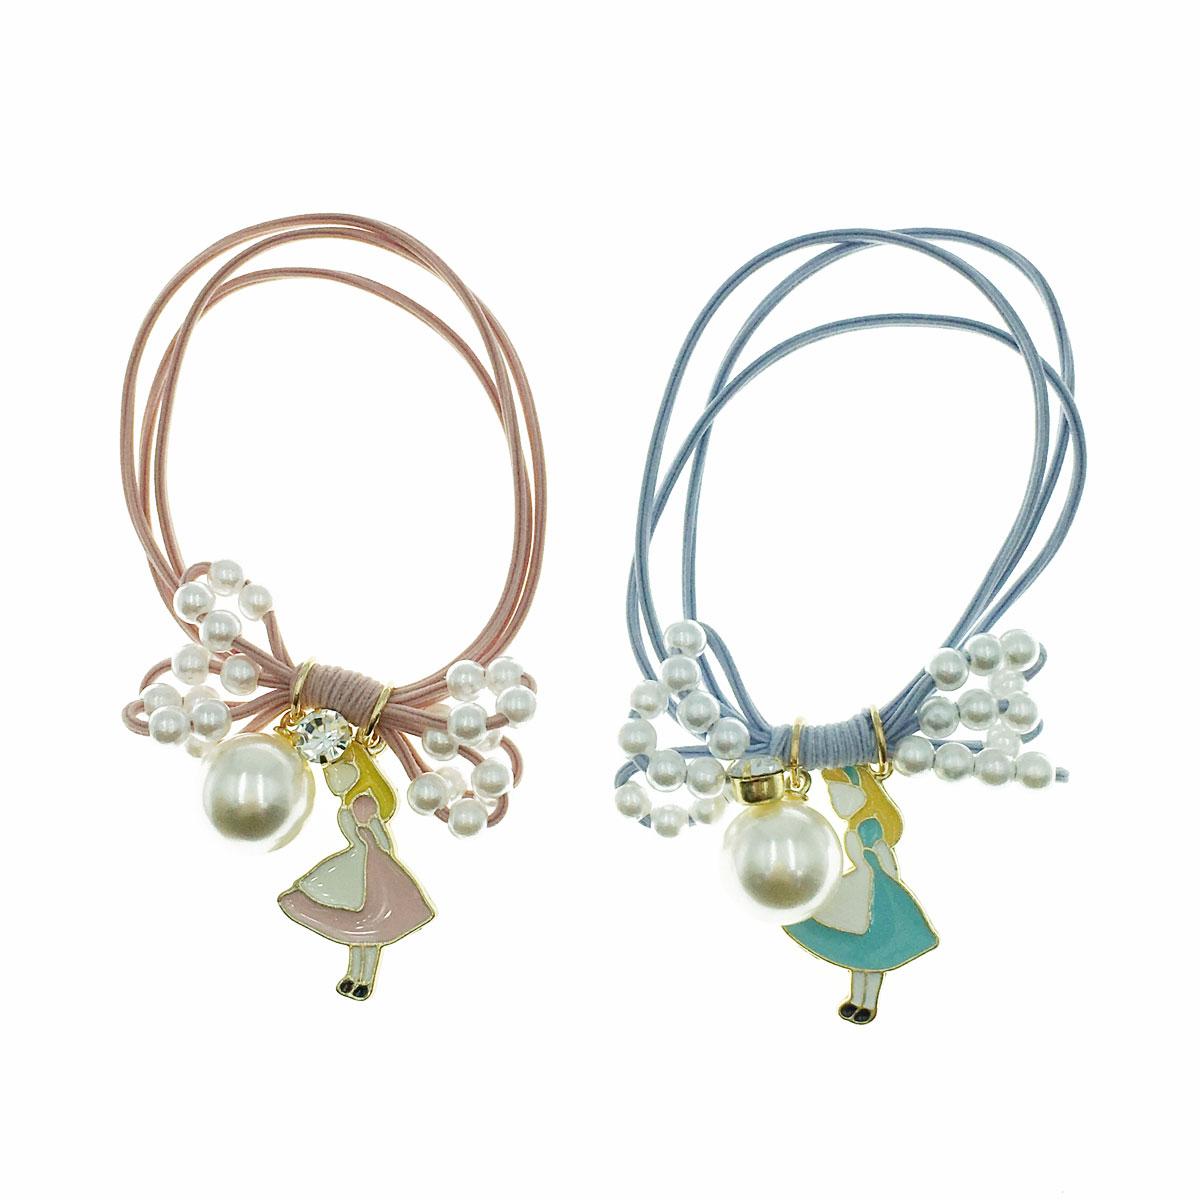 韓國 珍珠 水鑽 愛麗絲 蝴蝶結 兩色 髮束 髮圈 髮飾